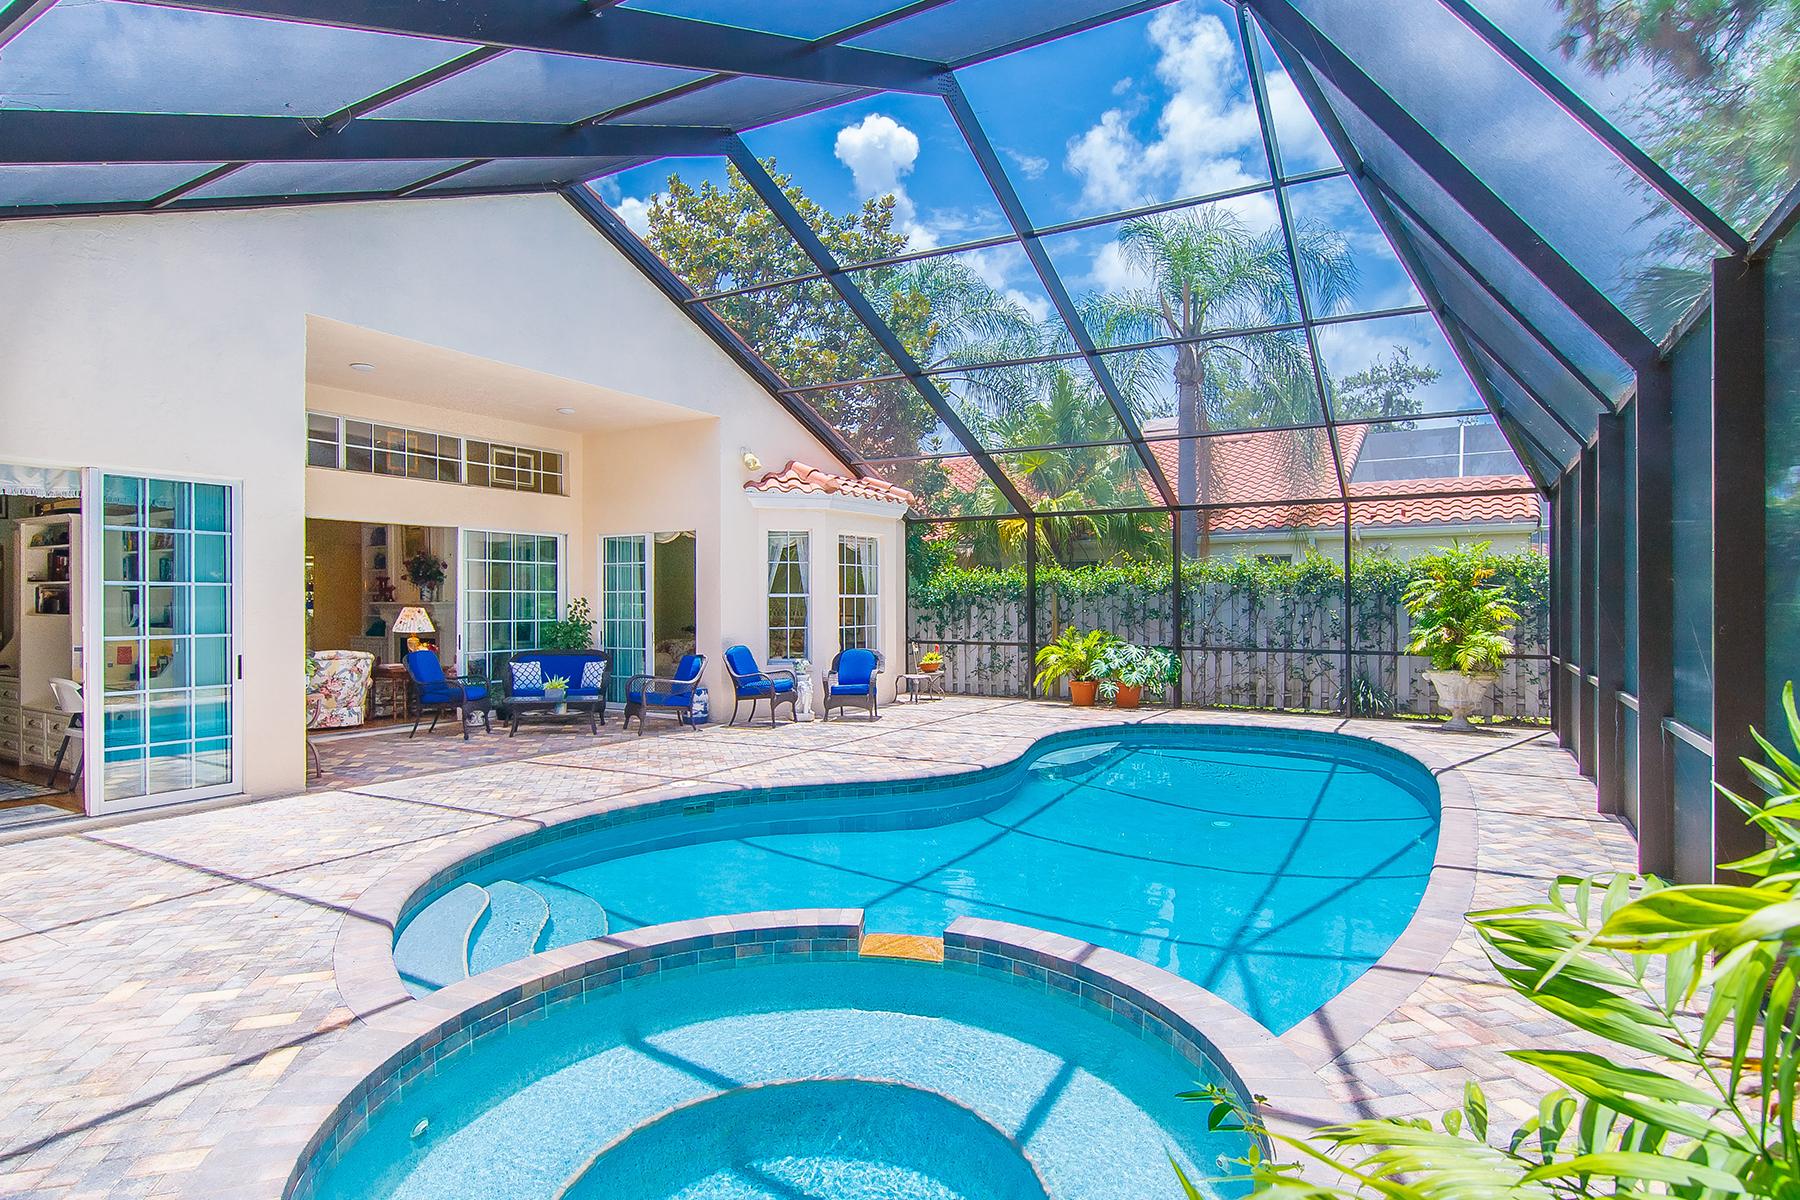 Частный односемейный дом для того Продажа на VILLA FIORE 8000 Via Fiore Sarasota, Флорида 34238 Соединенные Штаты